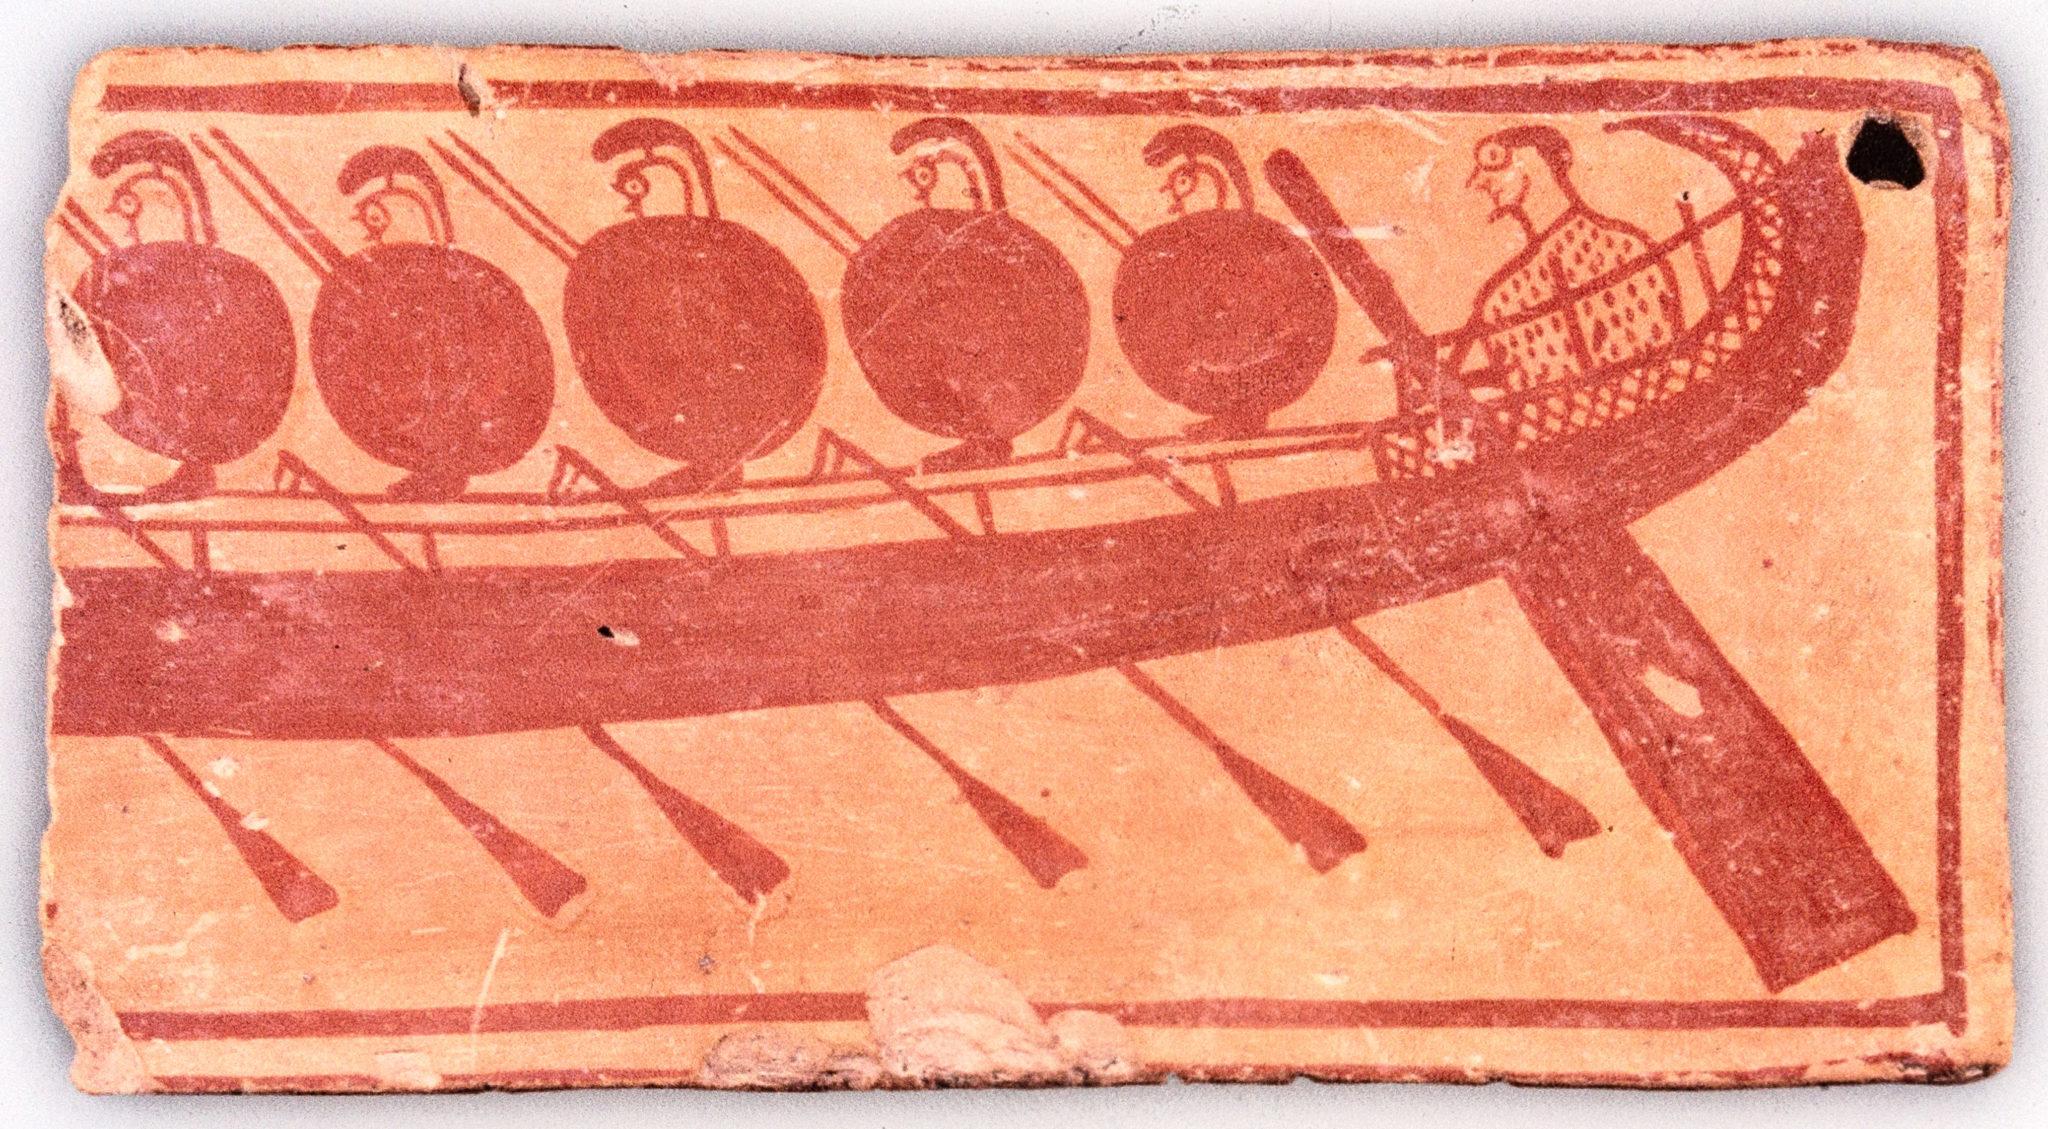 reise-zikaden.de, griechenland, attika, kap sounion, bothros, Die in der Kultgrube gefundene Tonscherbe zeigt ein Kriegsschiff mit Ruderern und Steuermann und datiert auf 690 v. Chr. Das Fundstück könnte den Phrontis-Kult im Areal bestätigen.